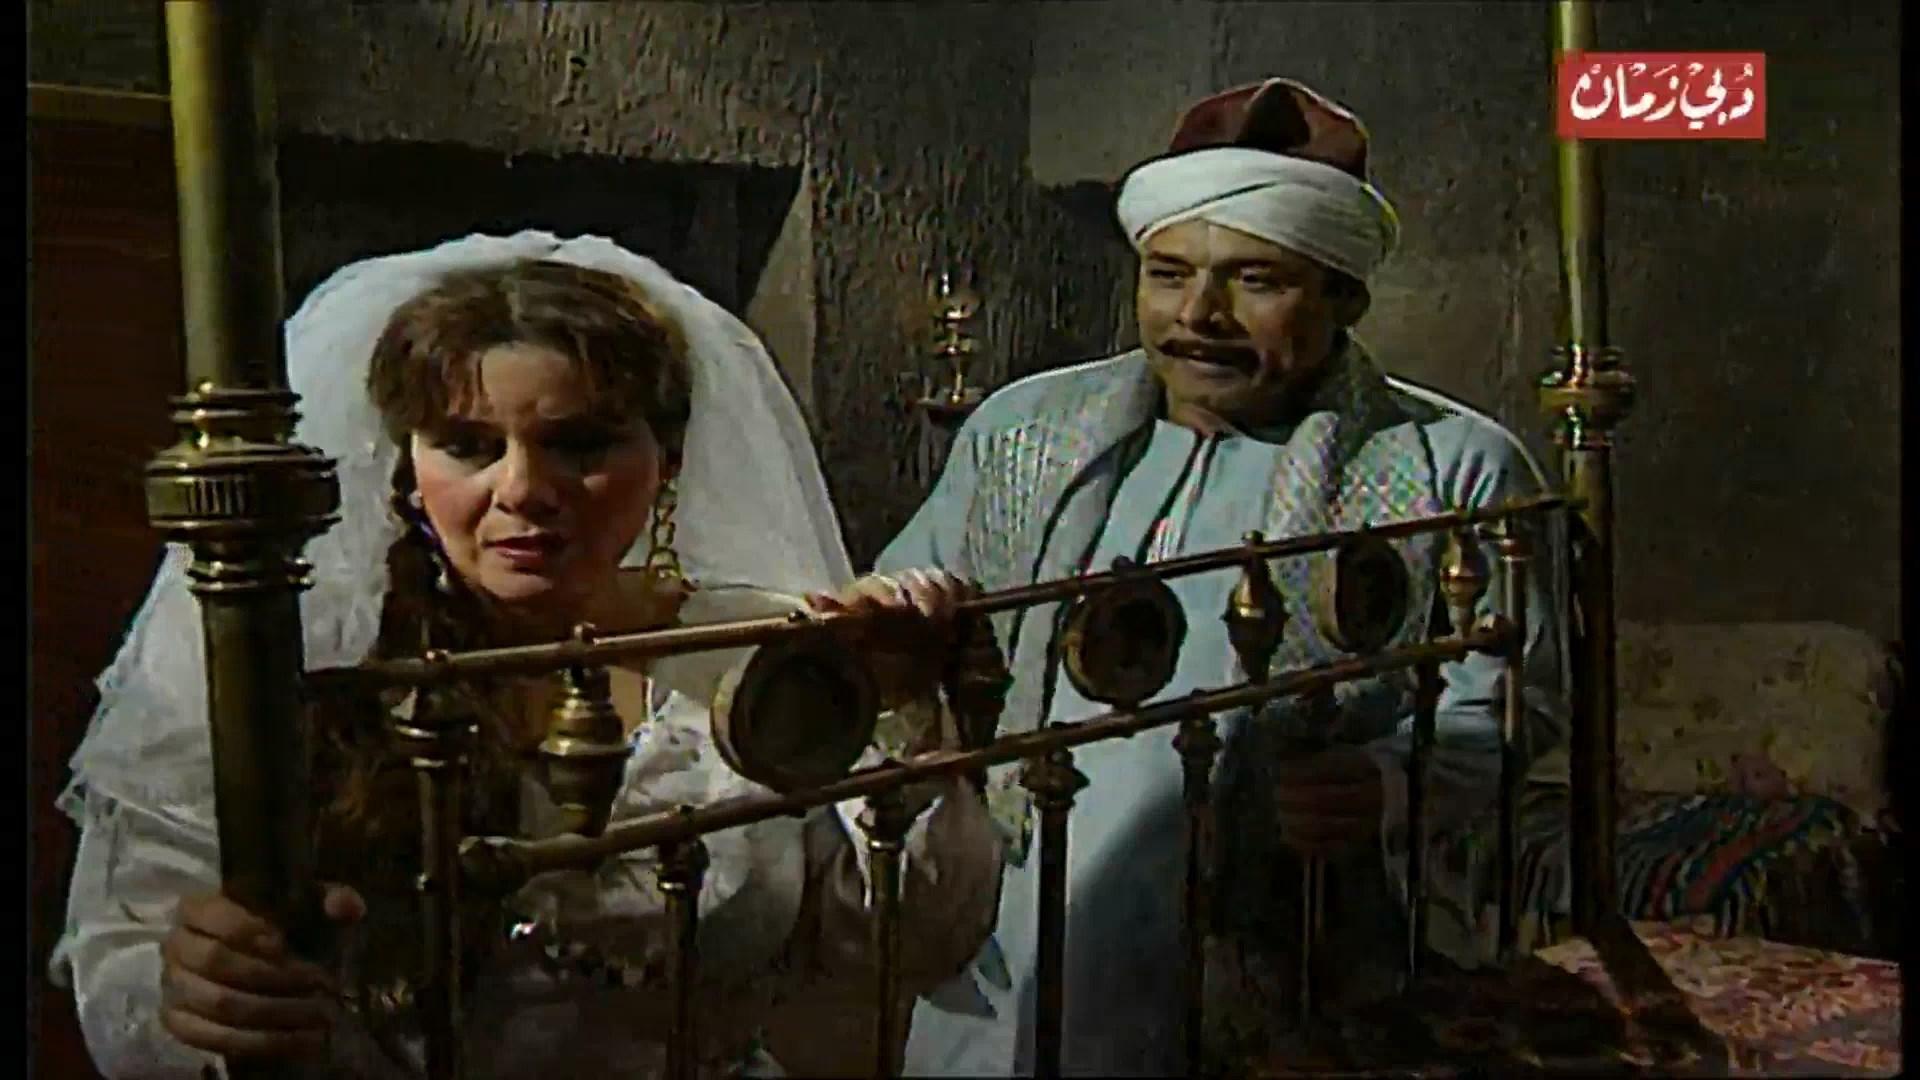 مسلسل الفدان الأخير (1992) 1080p تحميل تورنت 2 arabp2p.com